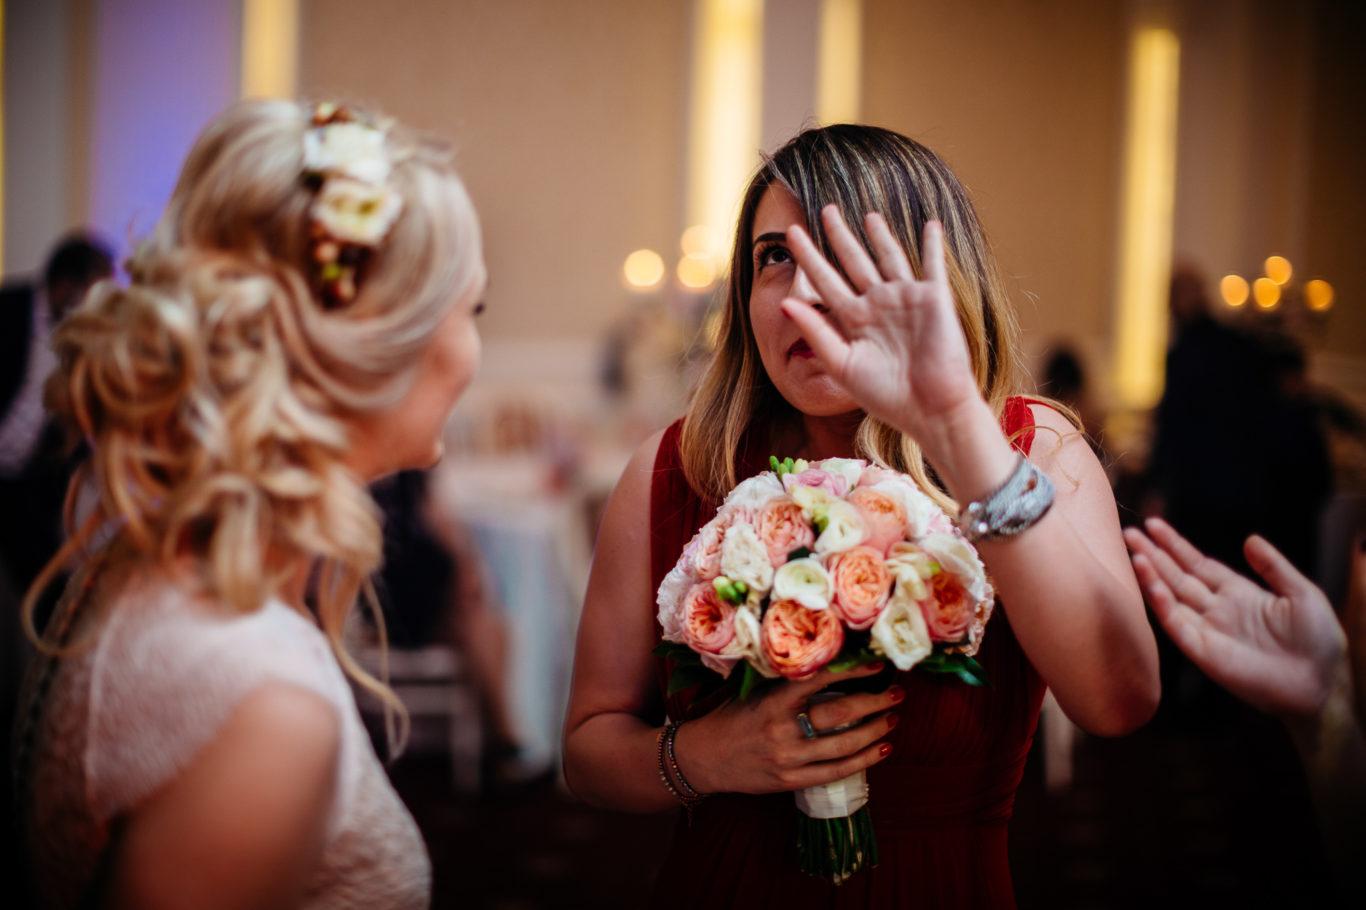 1081-Fotografie-nunta-Mirela-Iulian-fotograf-Ciprian-Dumitrescu-DCF_8328